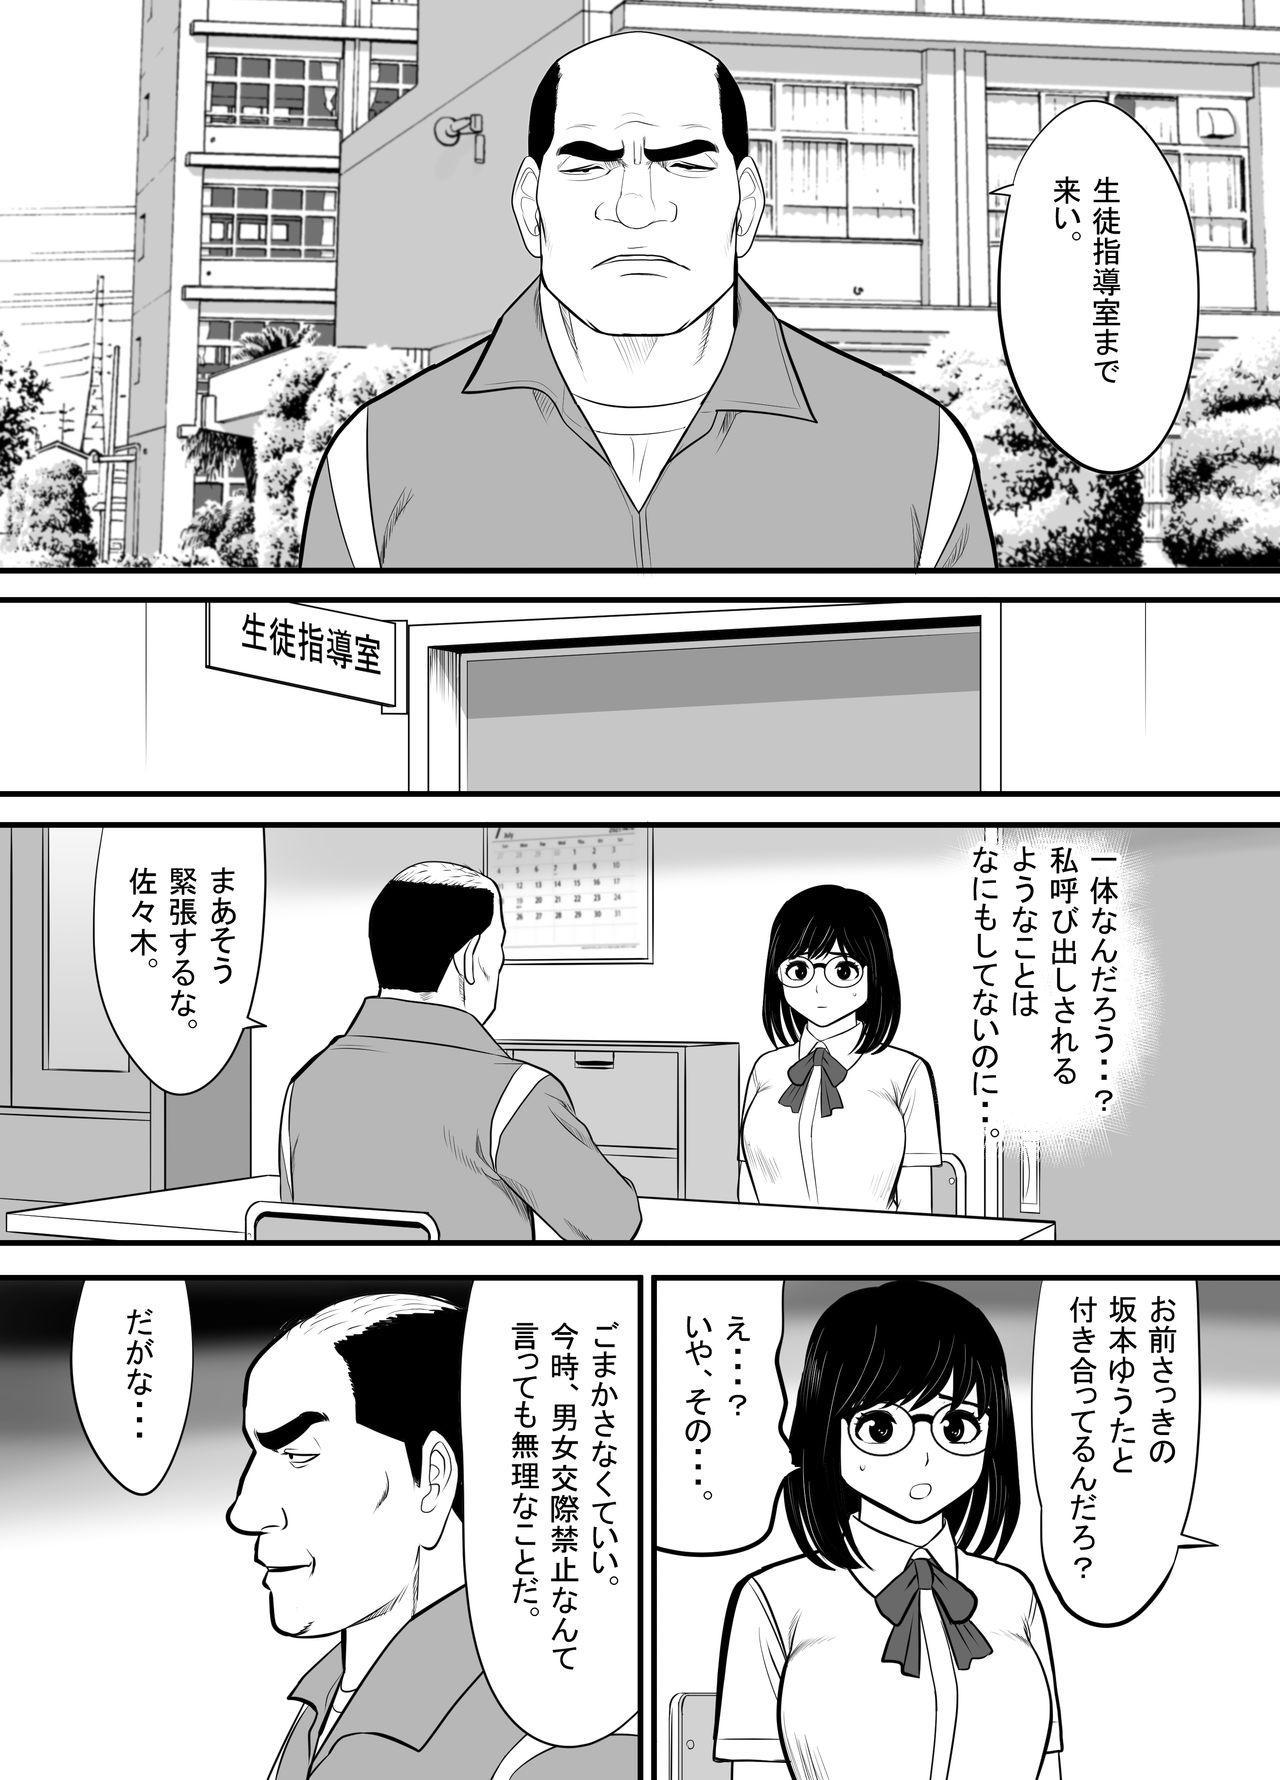 Namaiki na Danshi Seito ga Ita node Juujun na Kanojo o Kawari ni Otoshite yatta 8